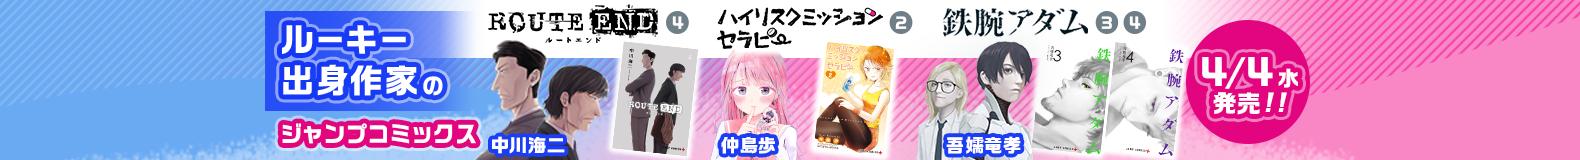 4月4日発売、ルーキー出身作家のジャンプコミックス!